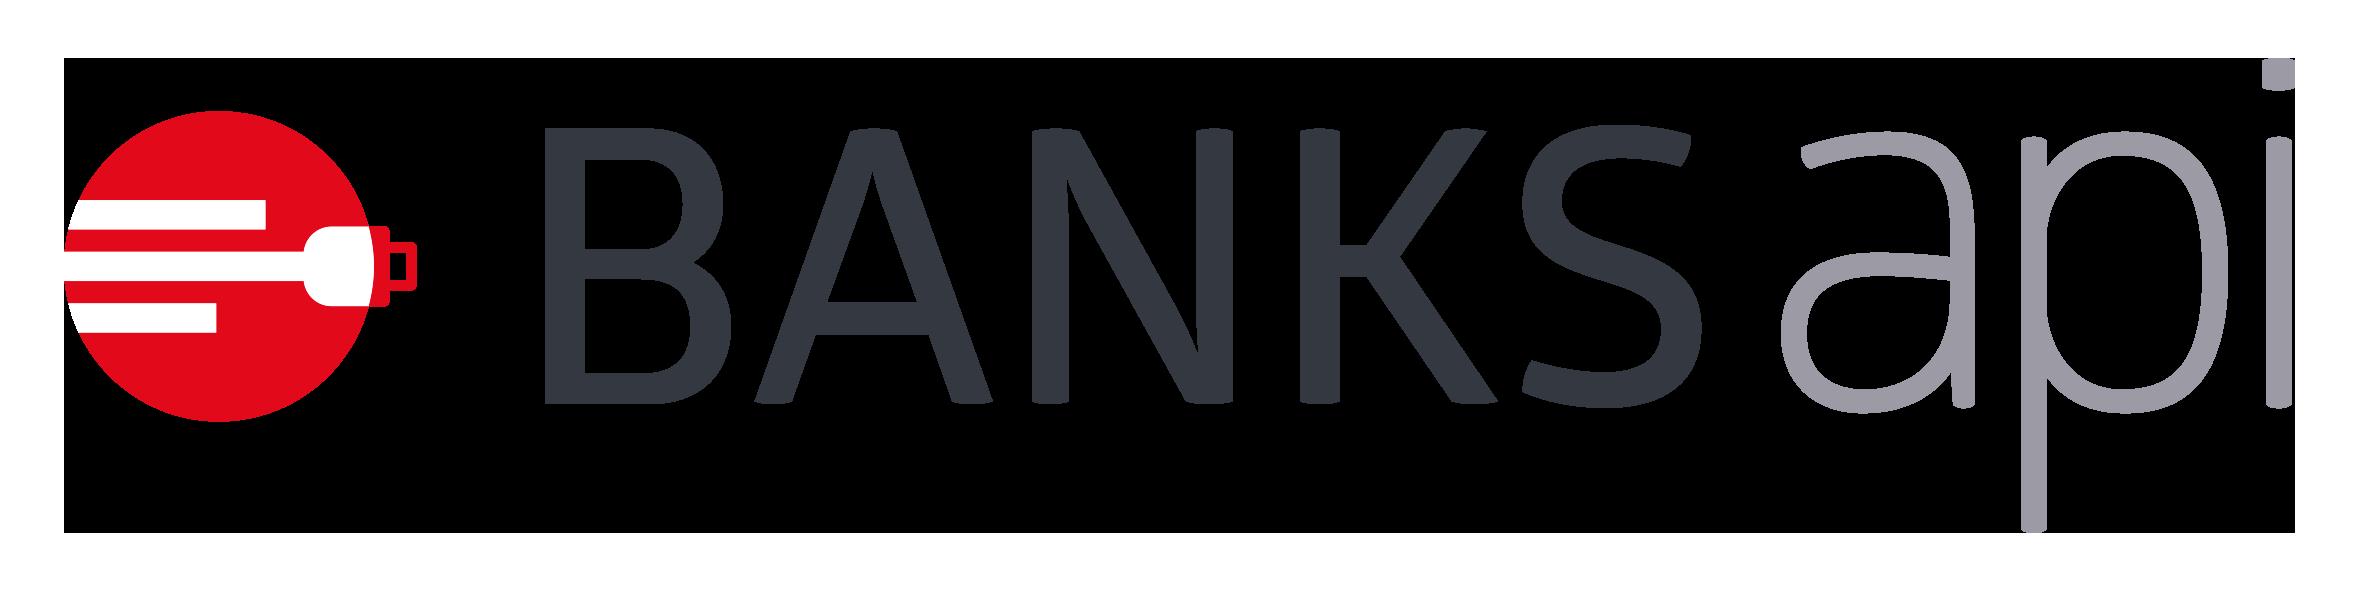 BANKSapi GmbH Logos [.zip]